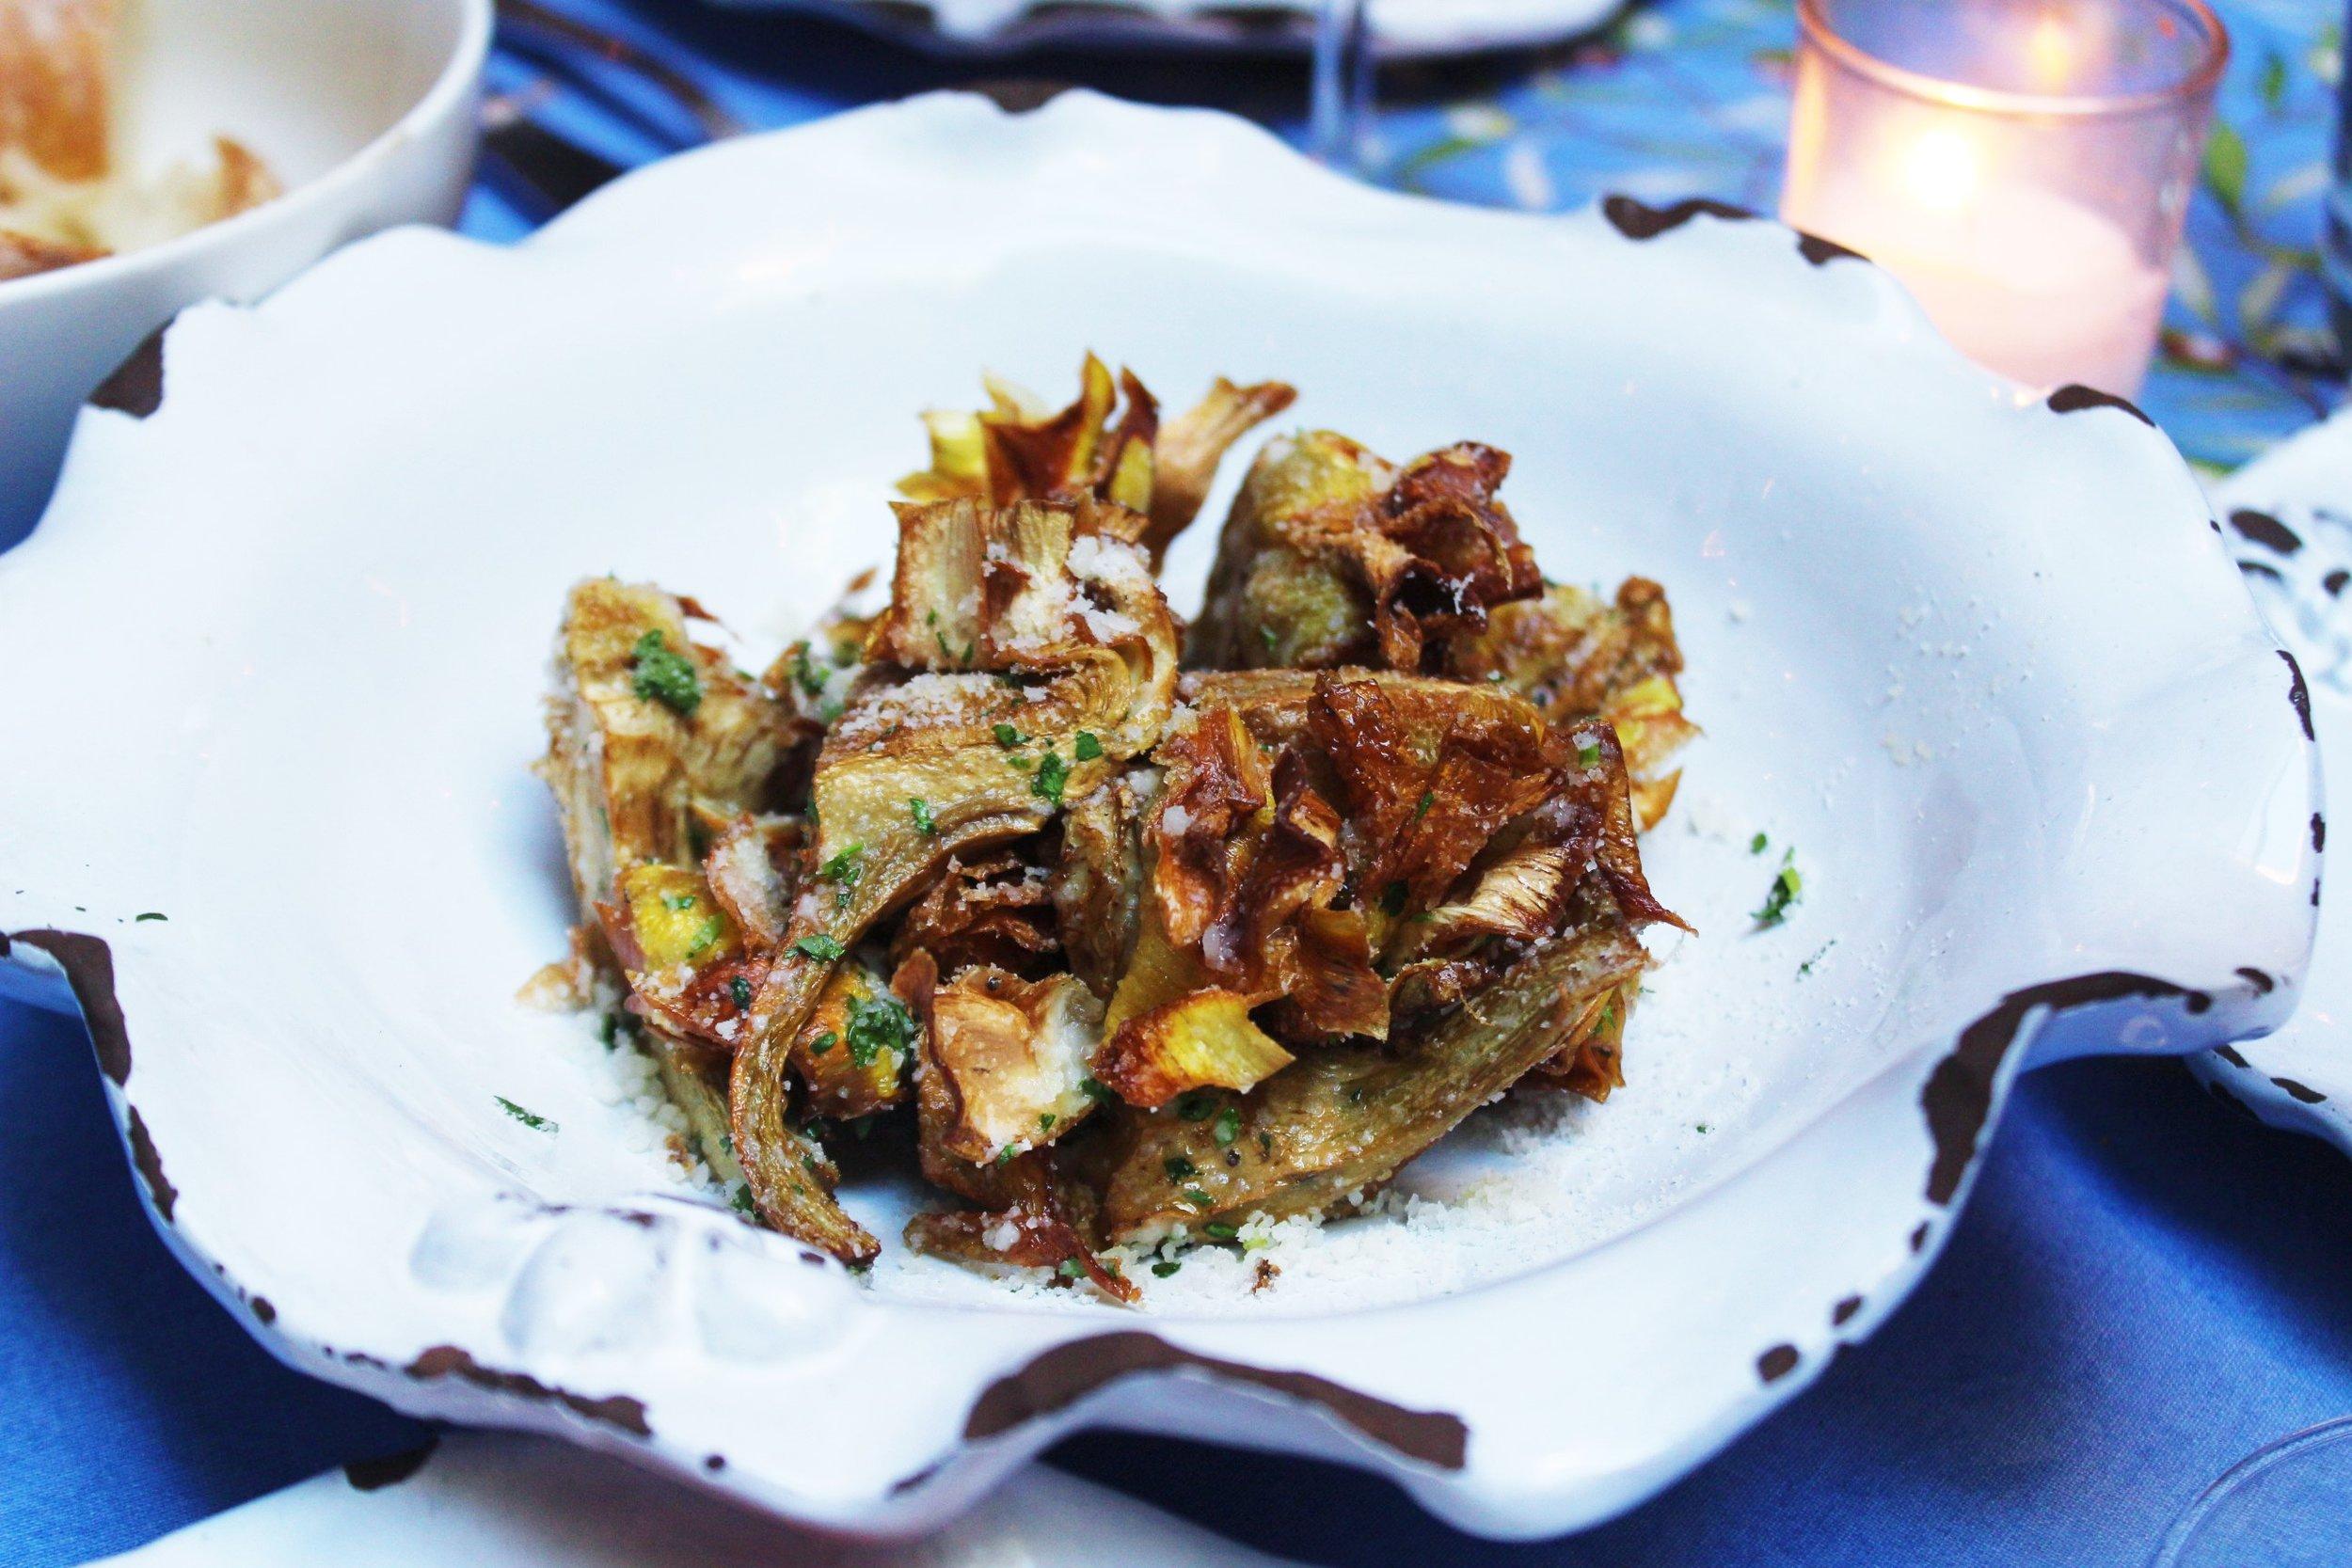 Carciofi Croccanti Crispy Baby Artichoke Hearts With Parmigiano And Parsley